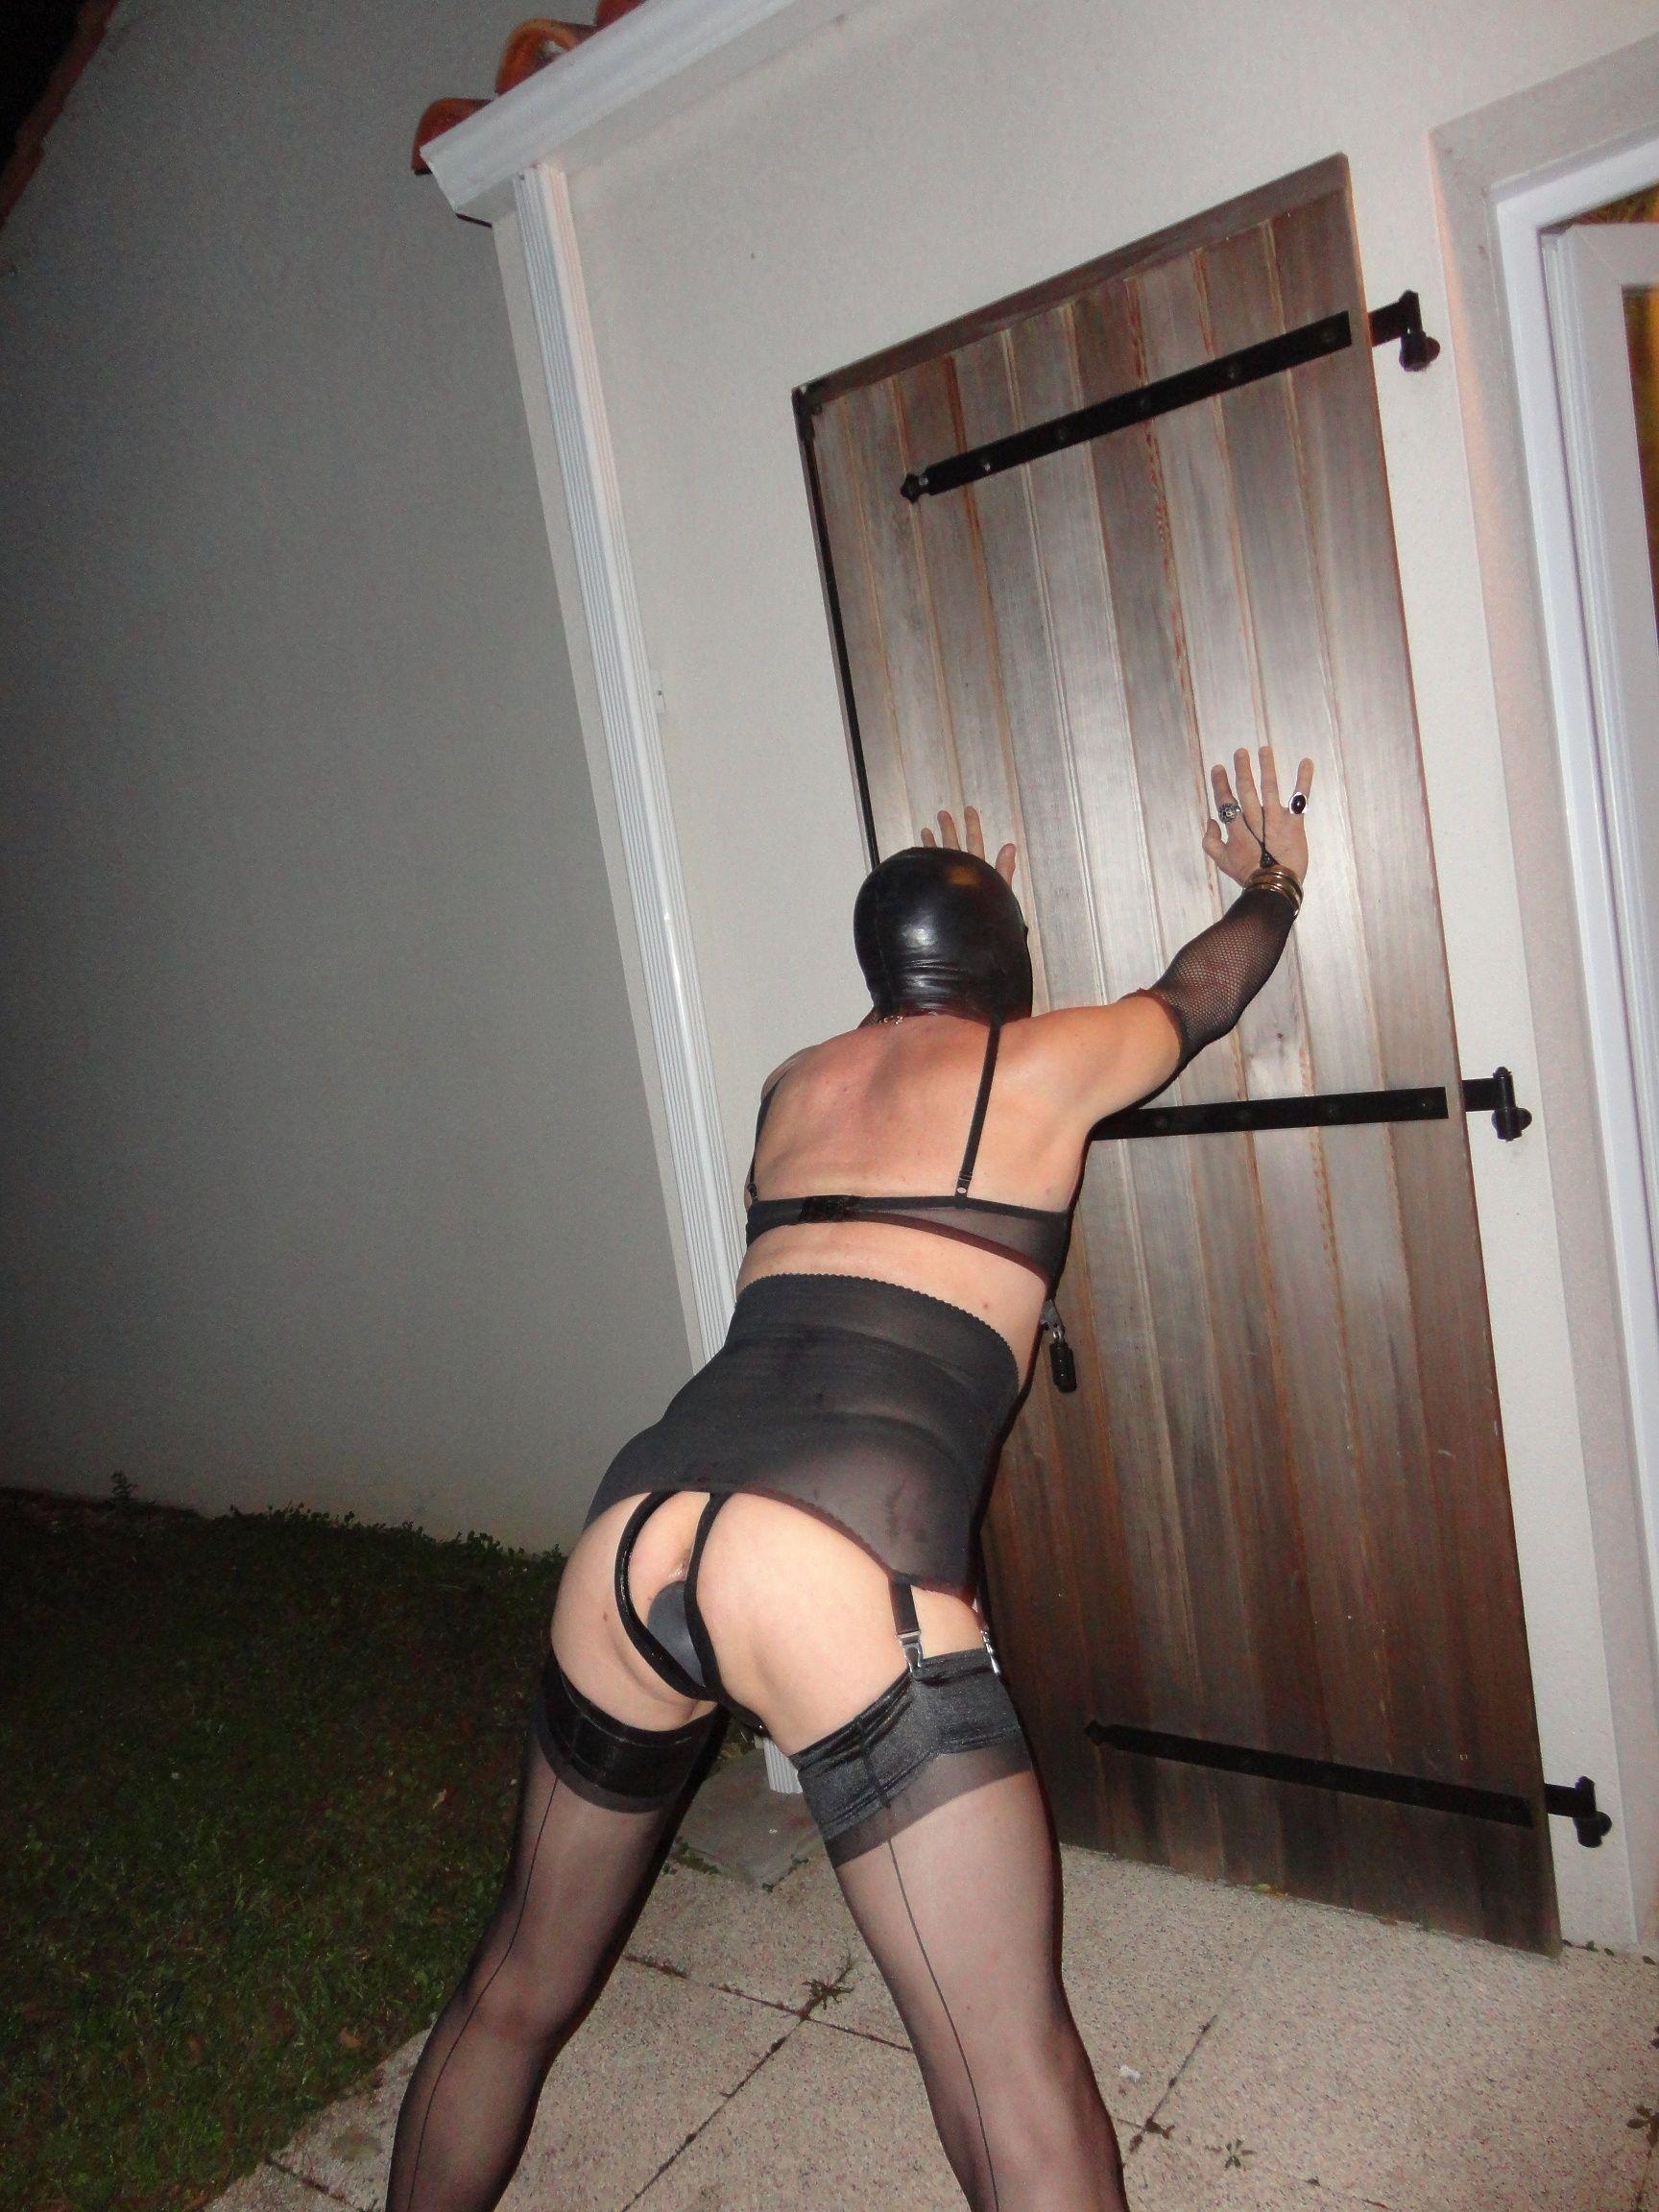 exhib lieu public esclave gay